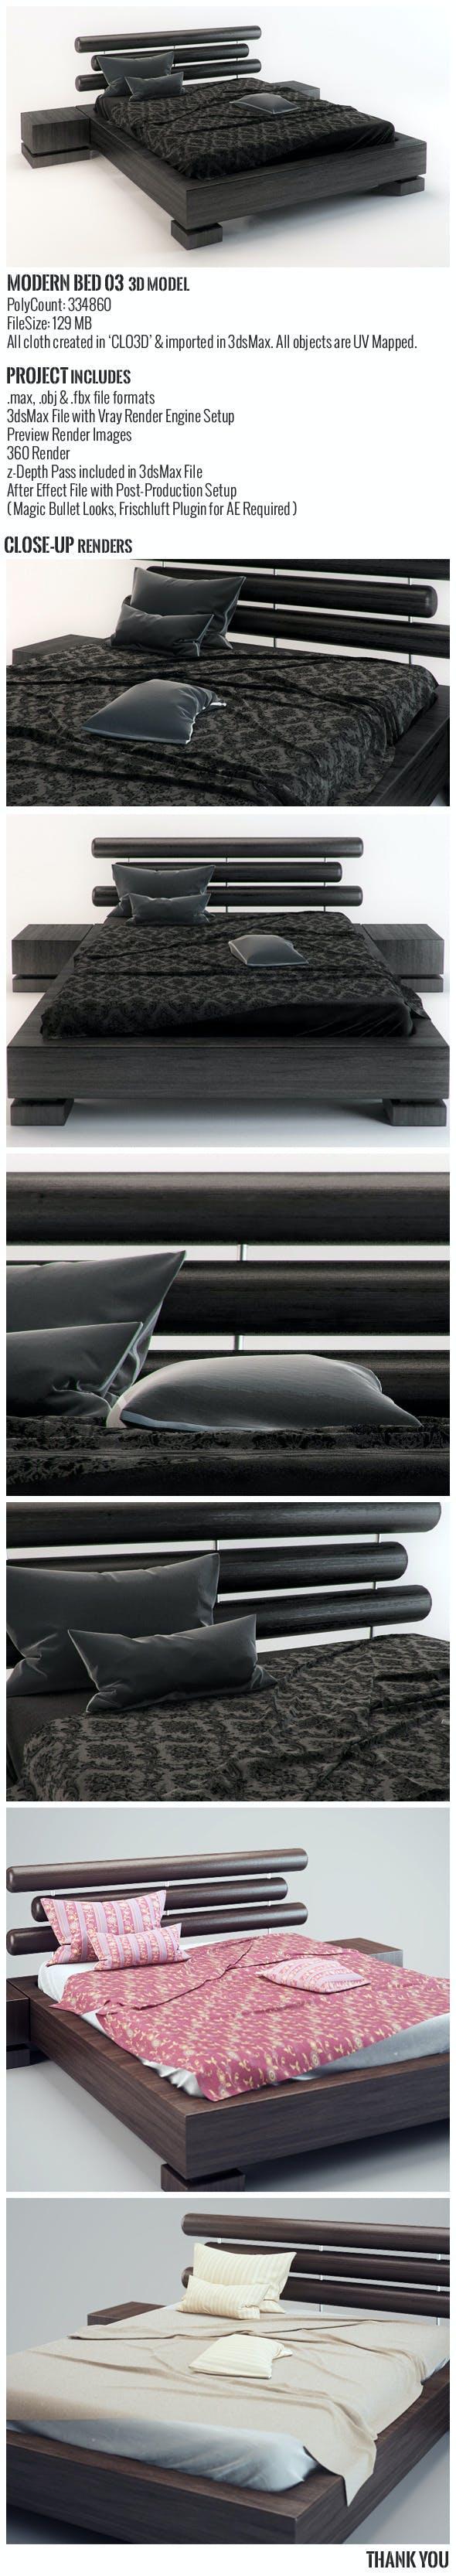 Modern Bed 03 3D Model - 3DOcean Item for Sale